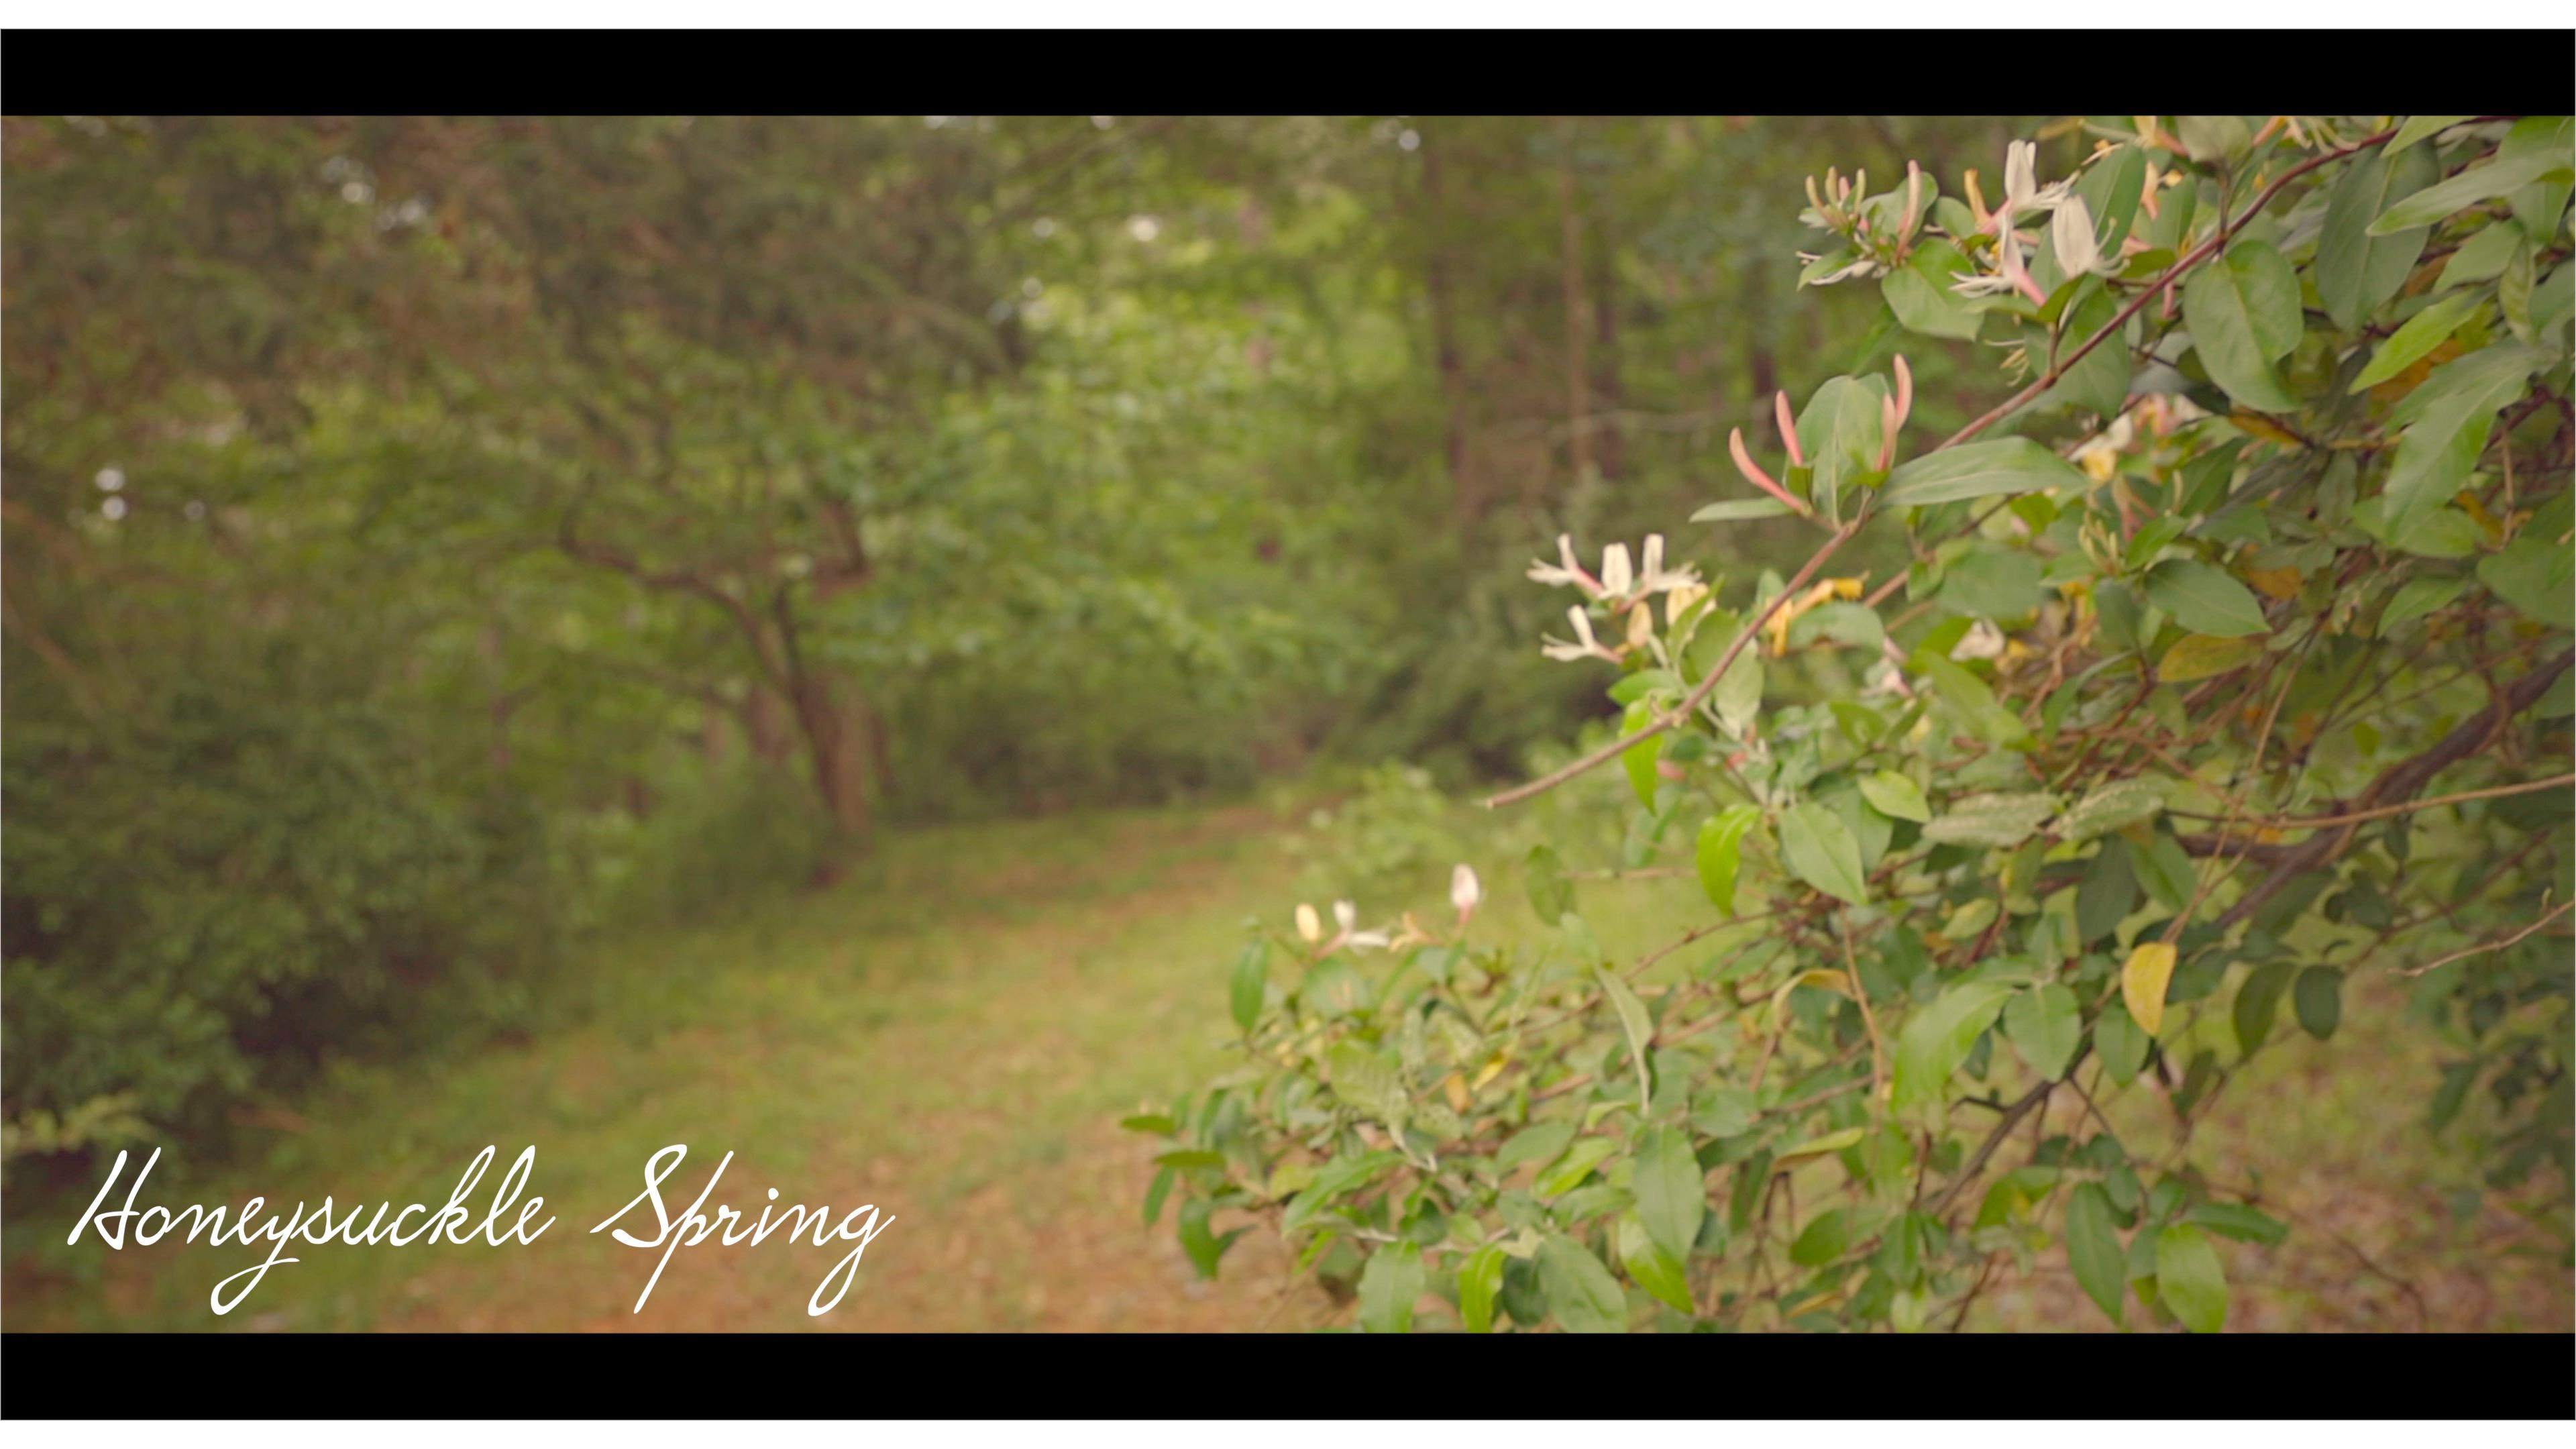 Honeysuckle Spring || My Rode Reel 2020